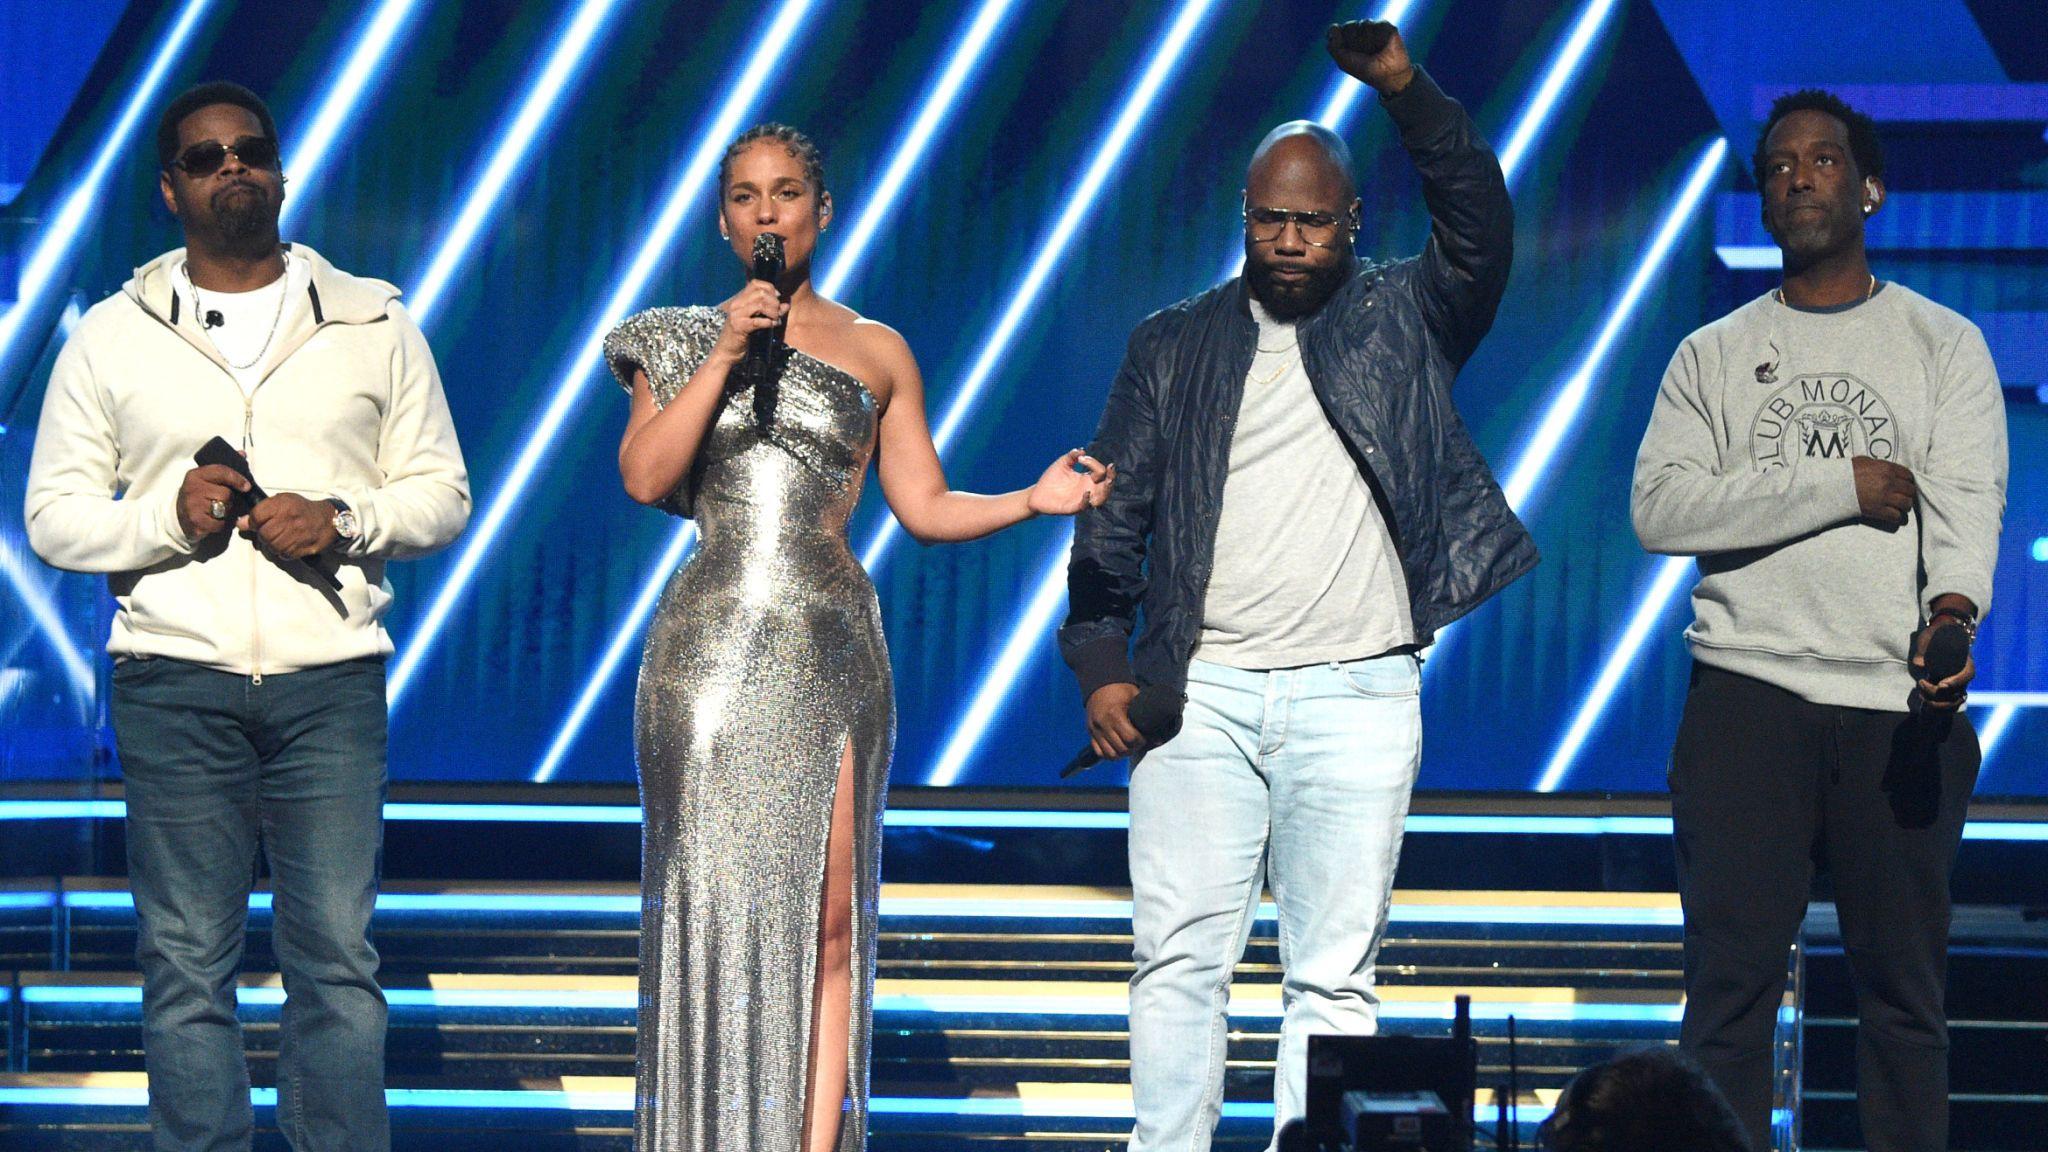 Grammys host Alicia Keys and Boyz II Men pay tribute to basketball star Kobe Bryant